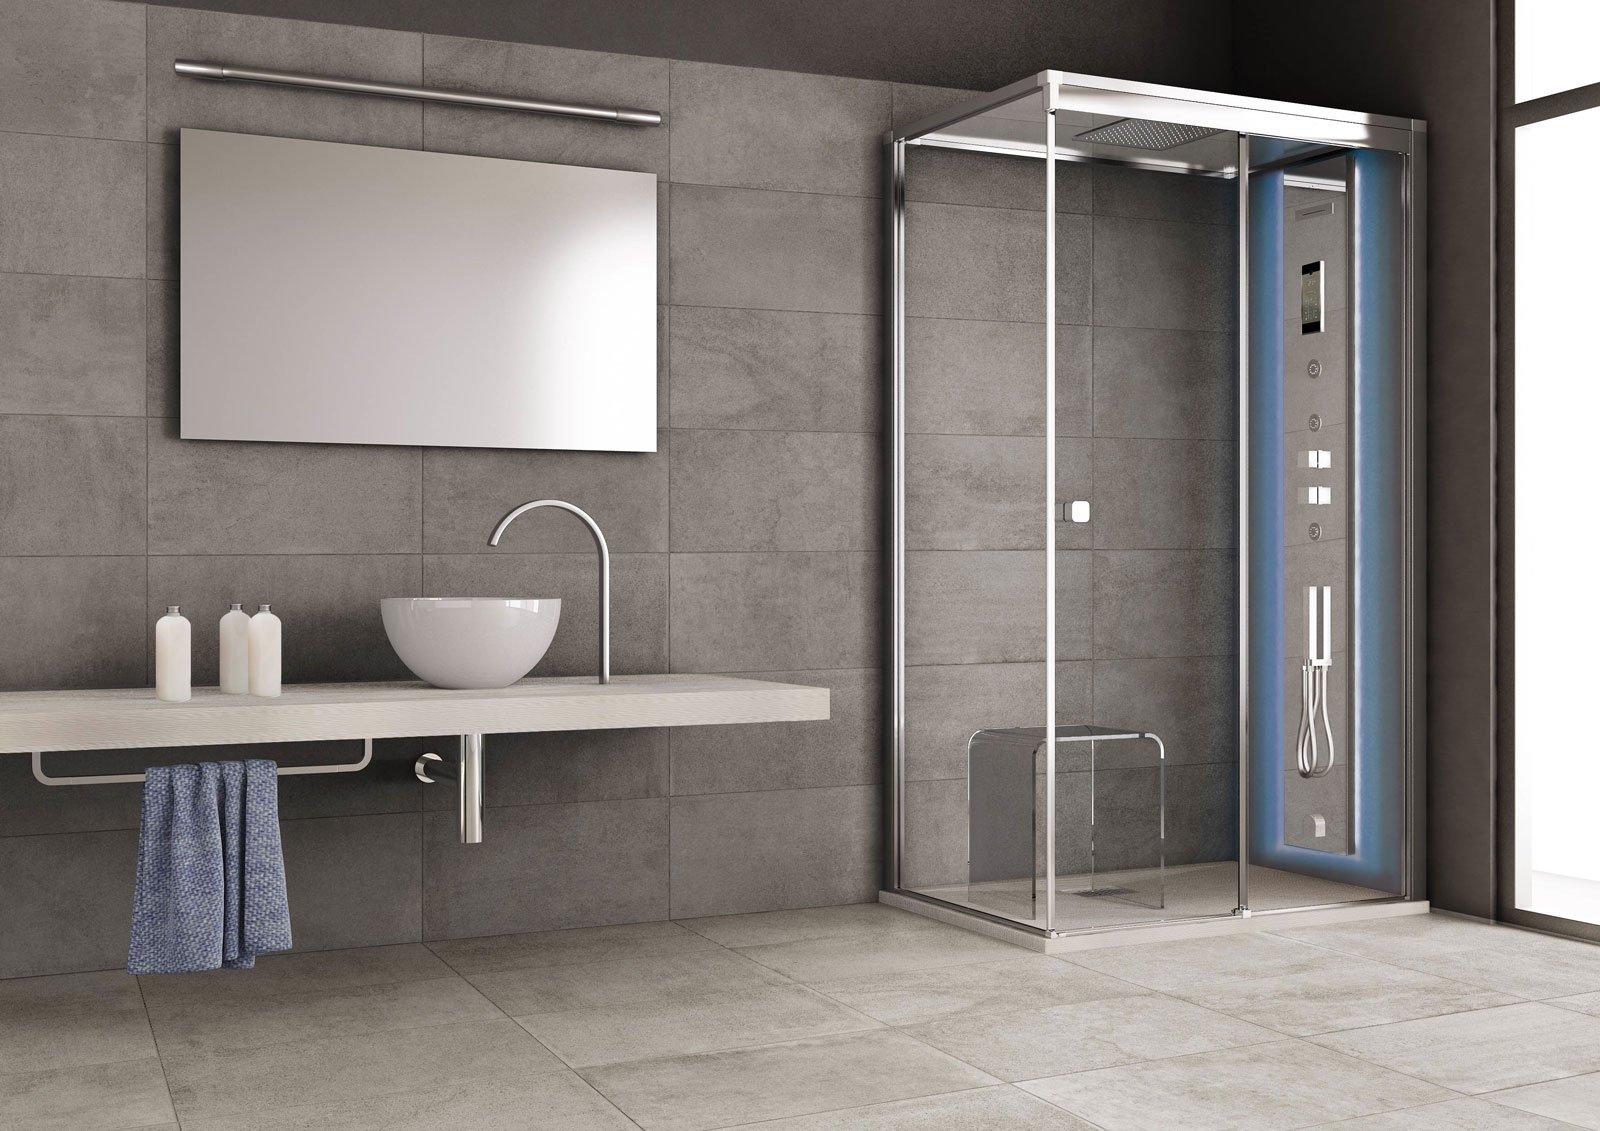 Grandform la doccia si trasforma in una spa cose di casa - Pannelli per rivestimento interno doccia ...